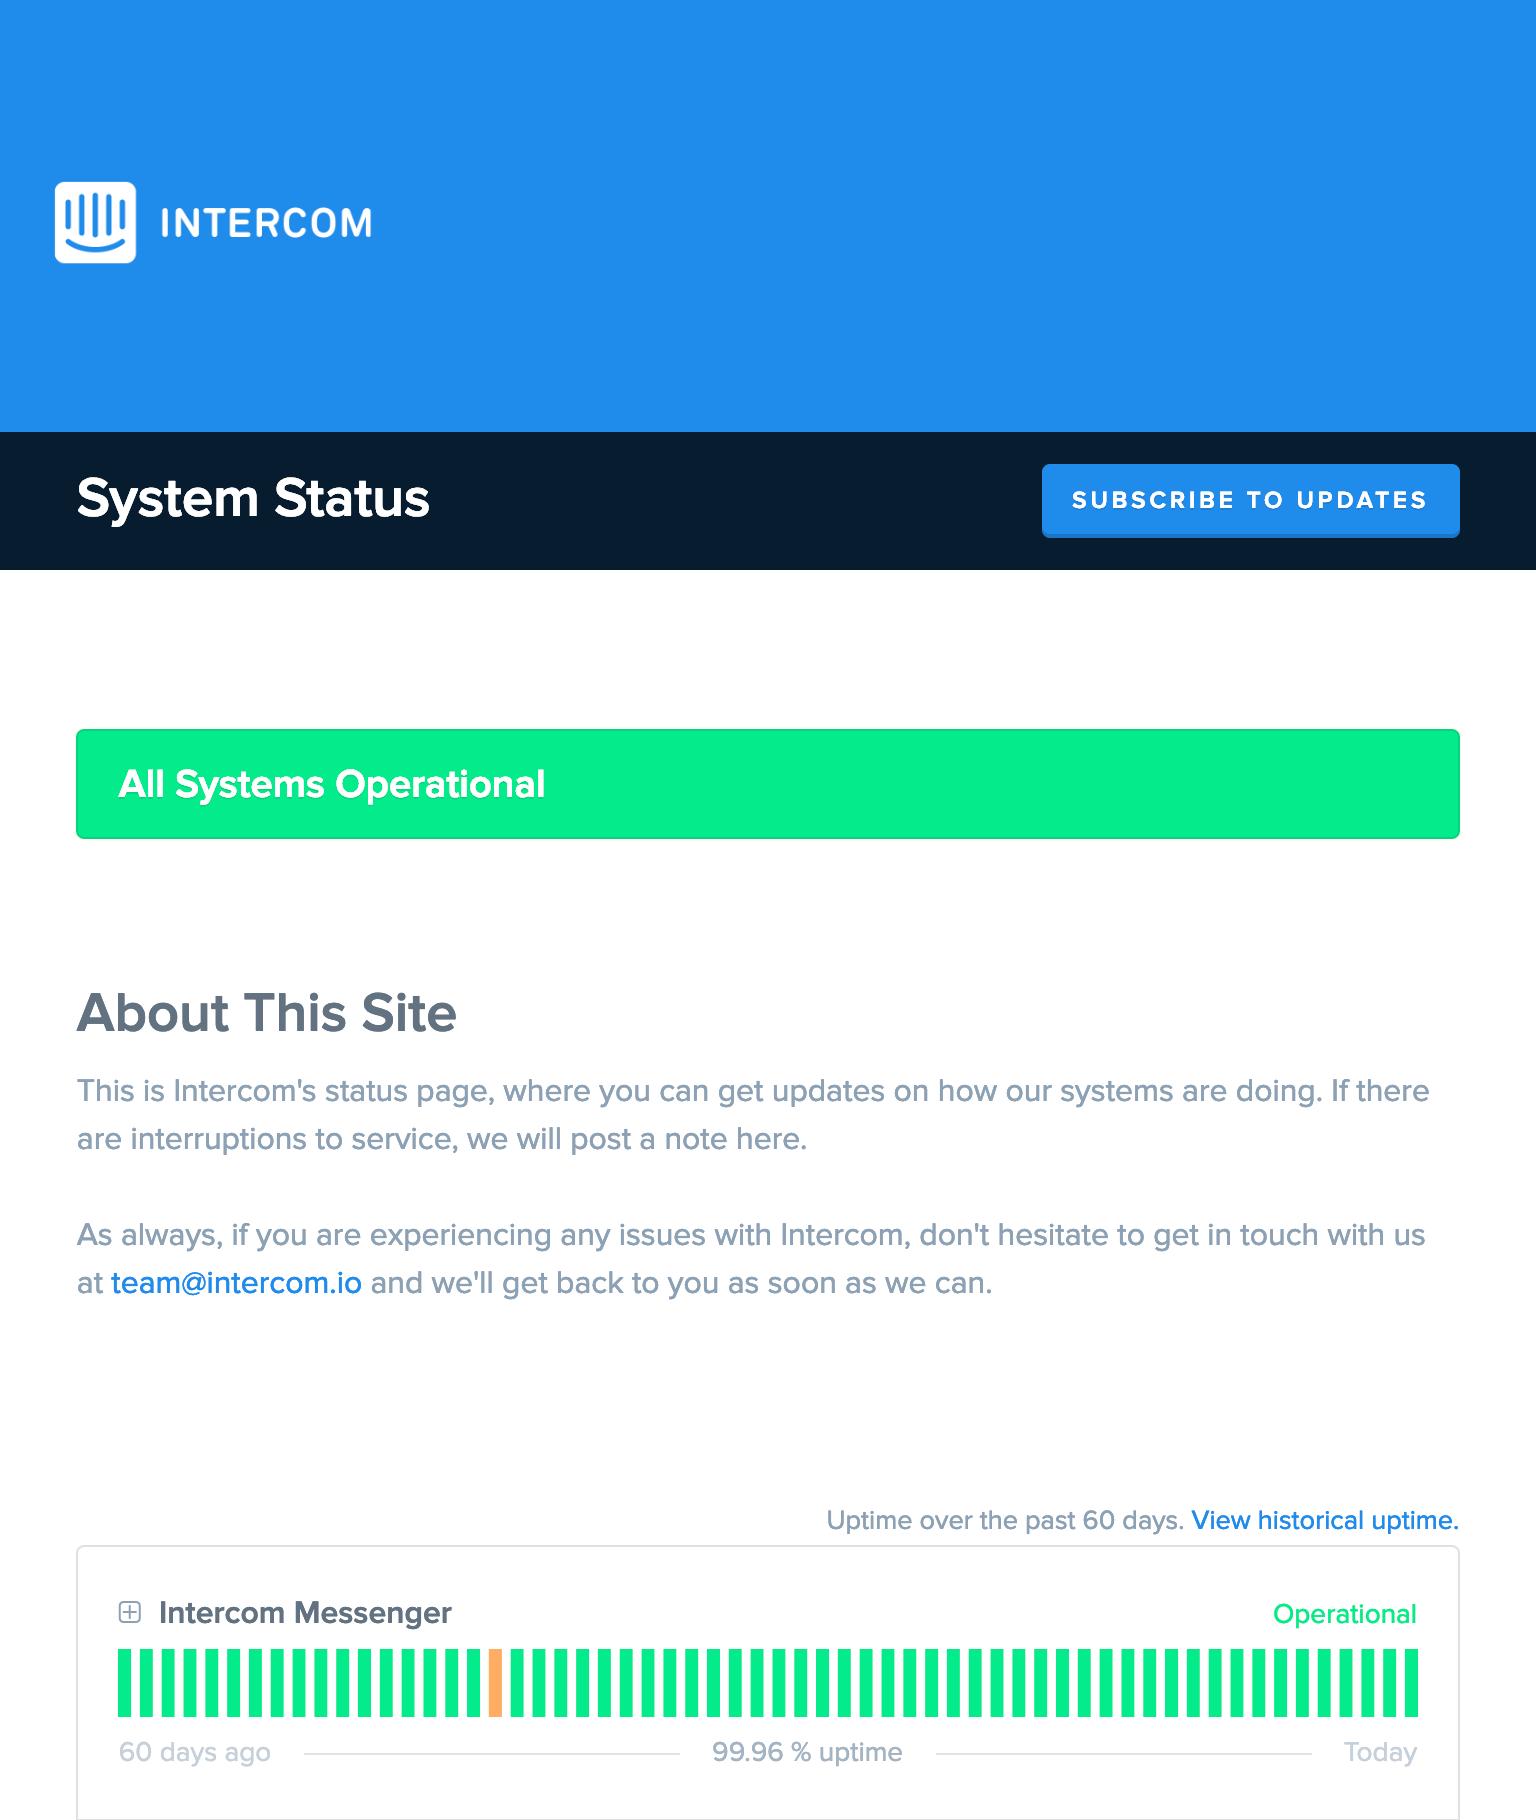 Intercom-statuschecklist